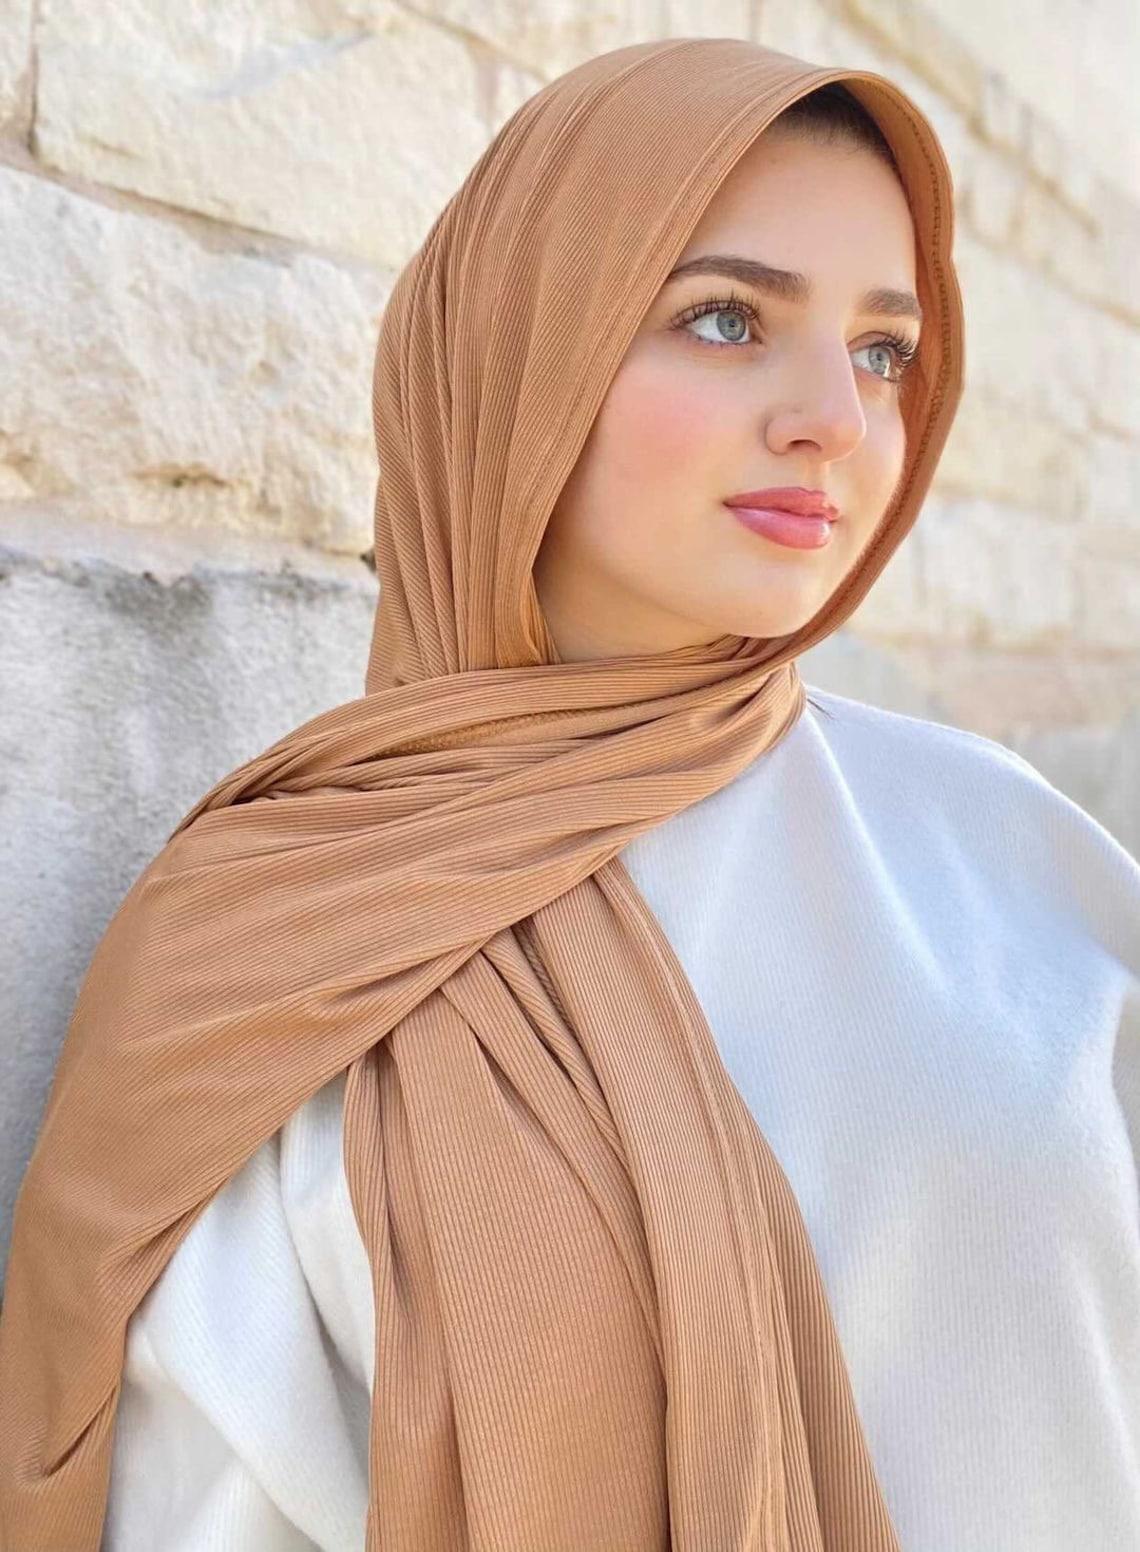 Jersey Hijabs   Stretch jersey hijab   Hijabs - Unique Hijabs